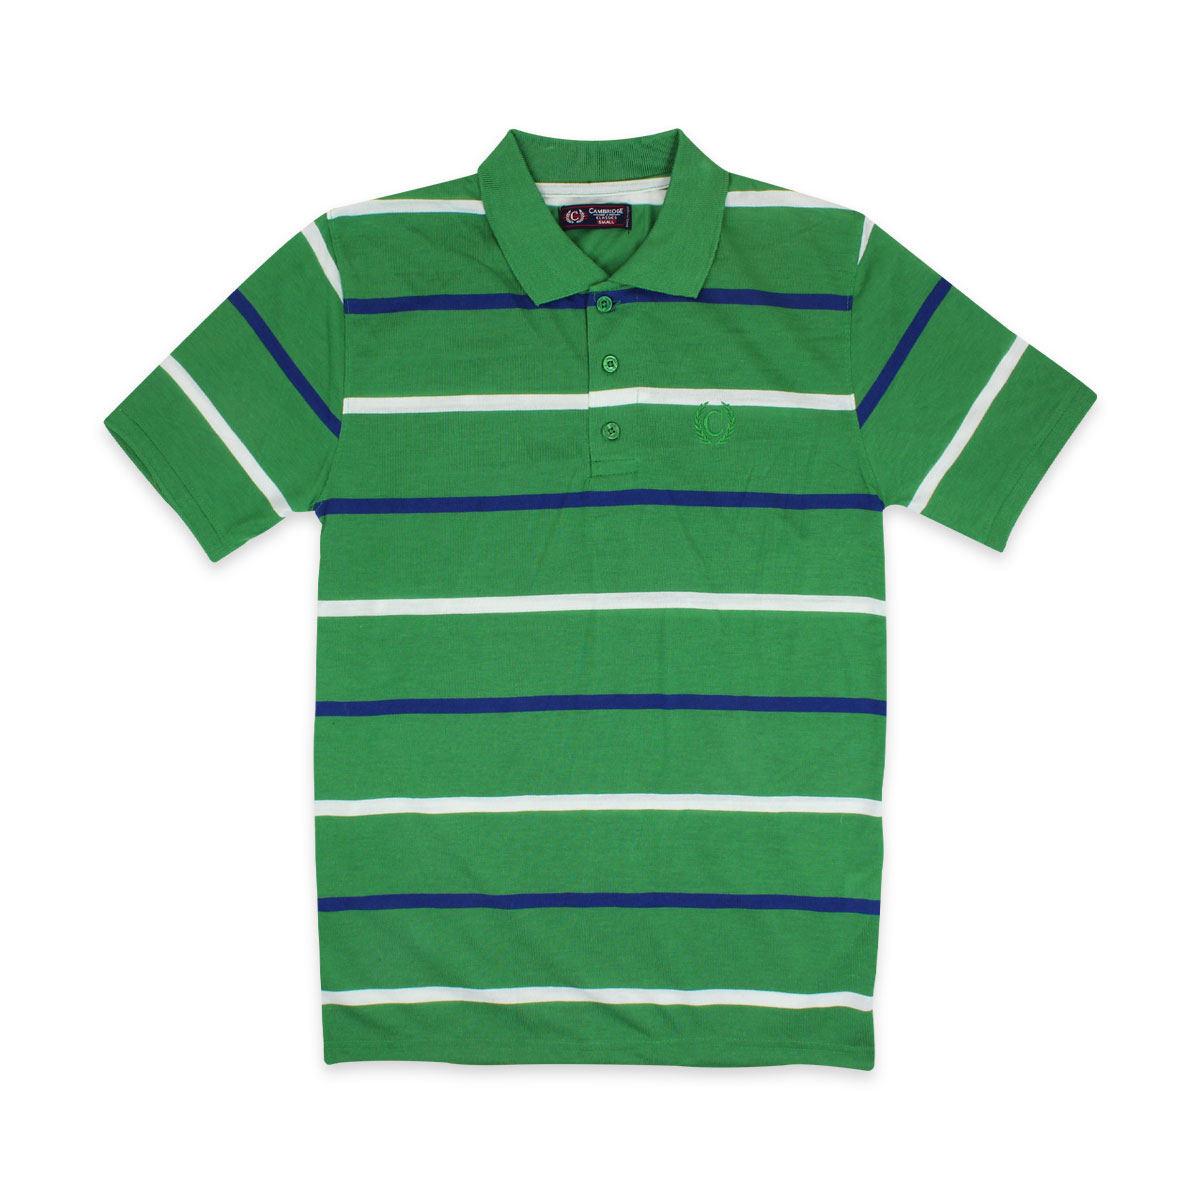 Camisas-Polo-Para-Hombre-A-Rayas-Pique-Con-Cuello-camiseta-Camiseta-Manga-Corta-De-Verano-S-M-L-XL miniatura 21